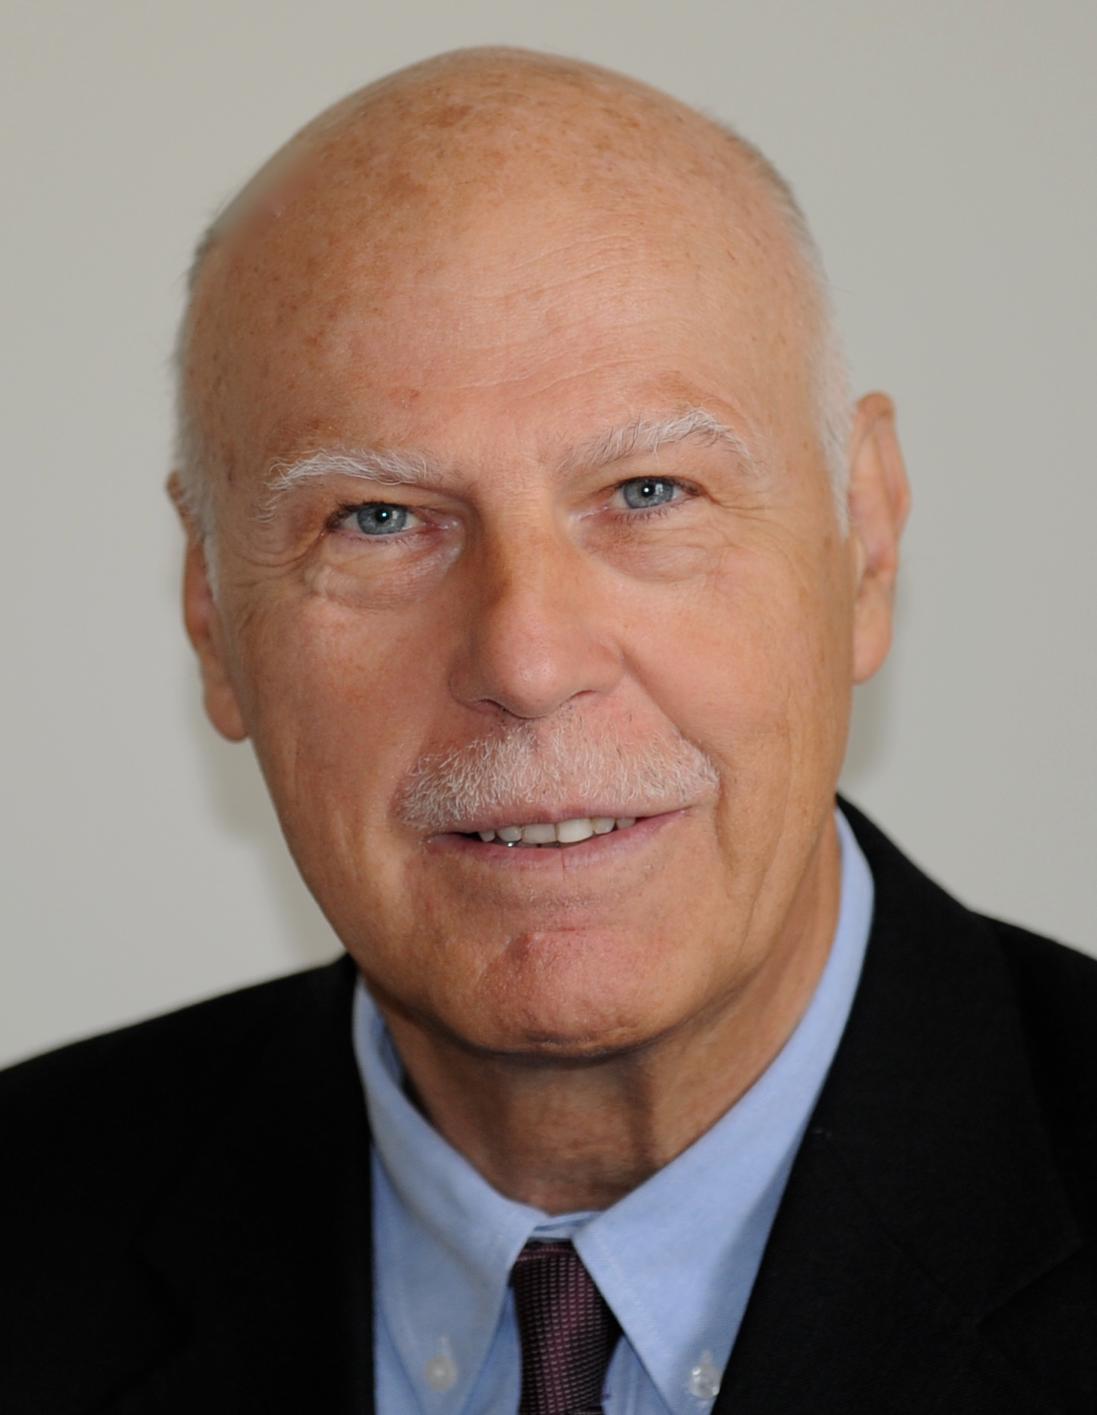 Dr. Wolfgang Grisold wird Präsident der World Federation of Neurology